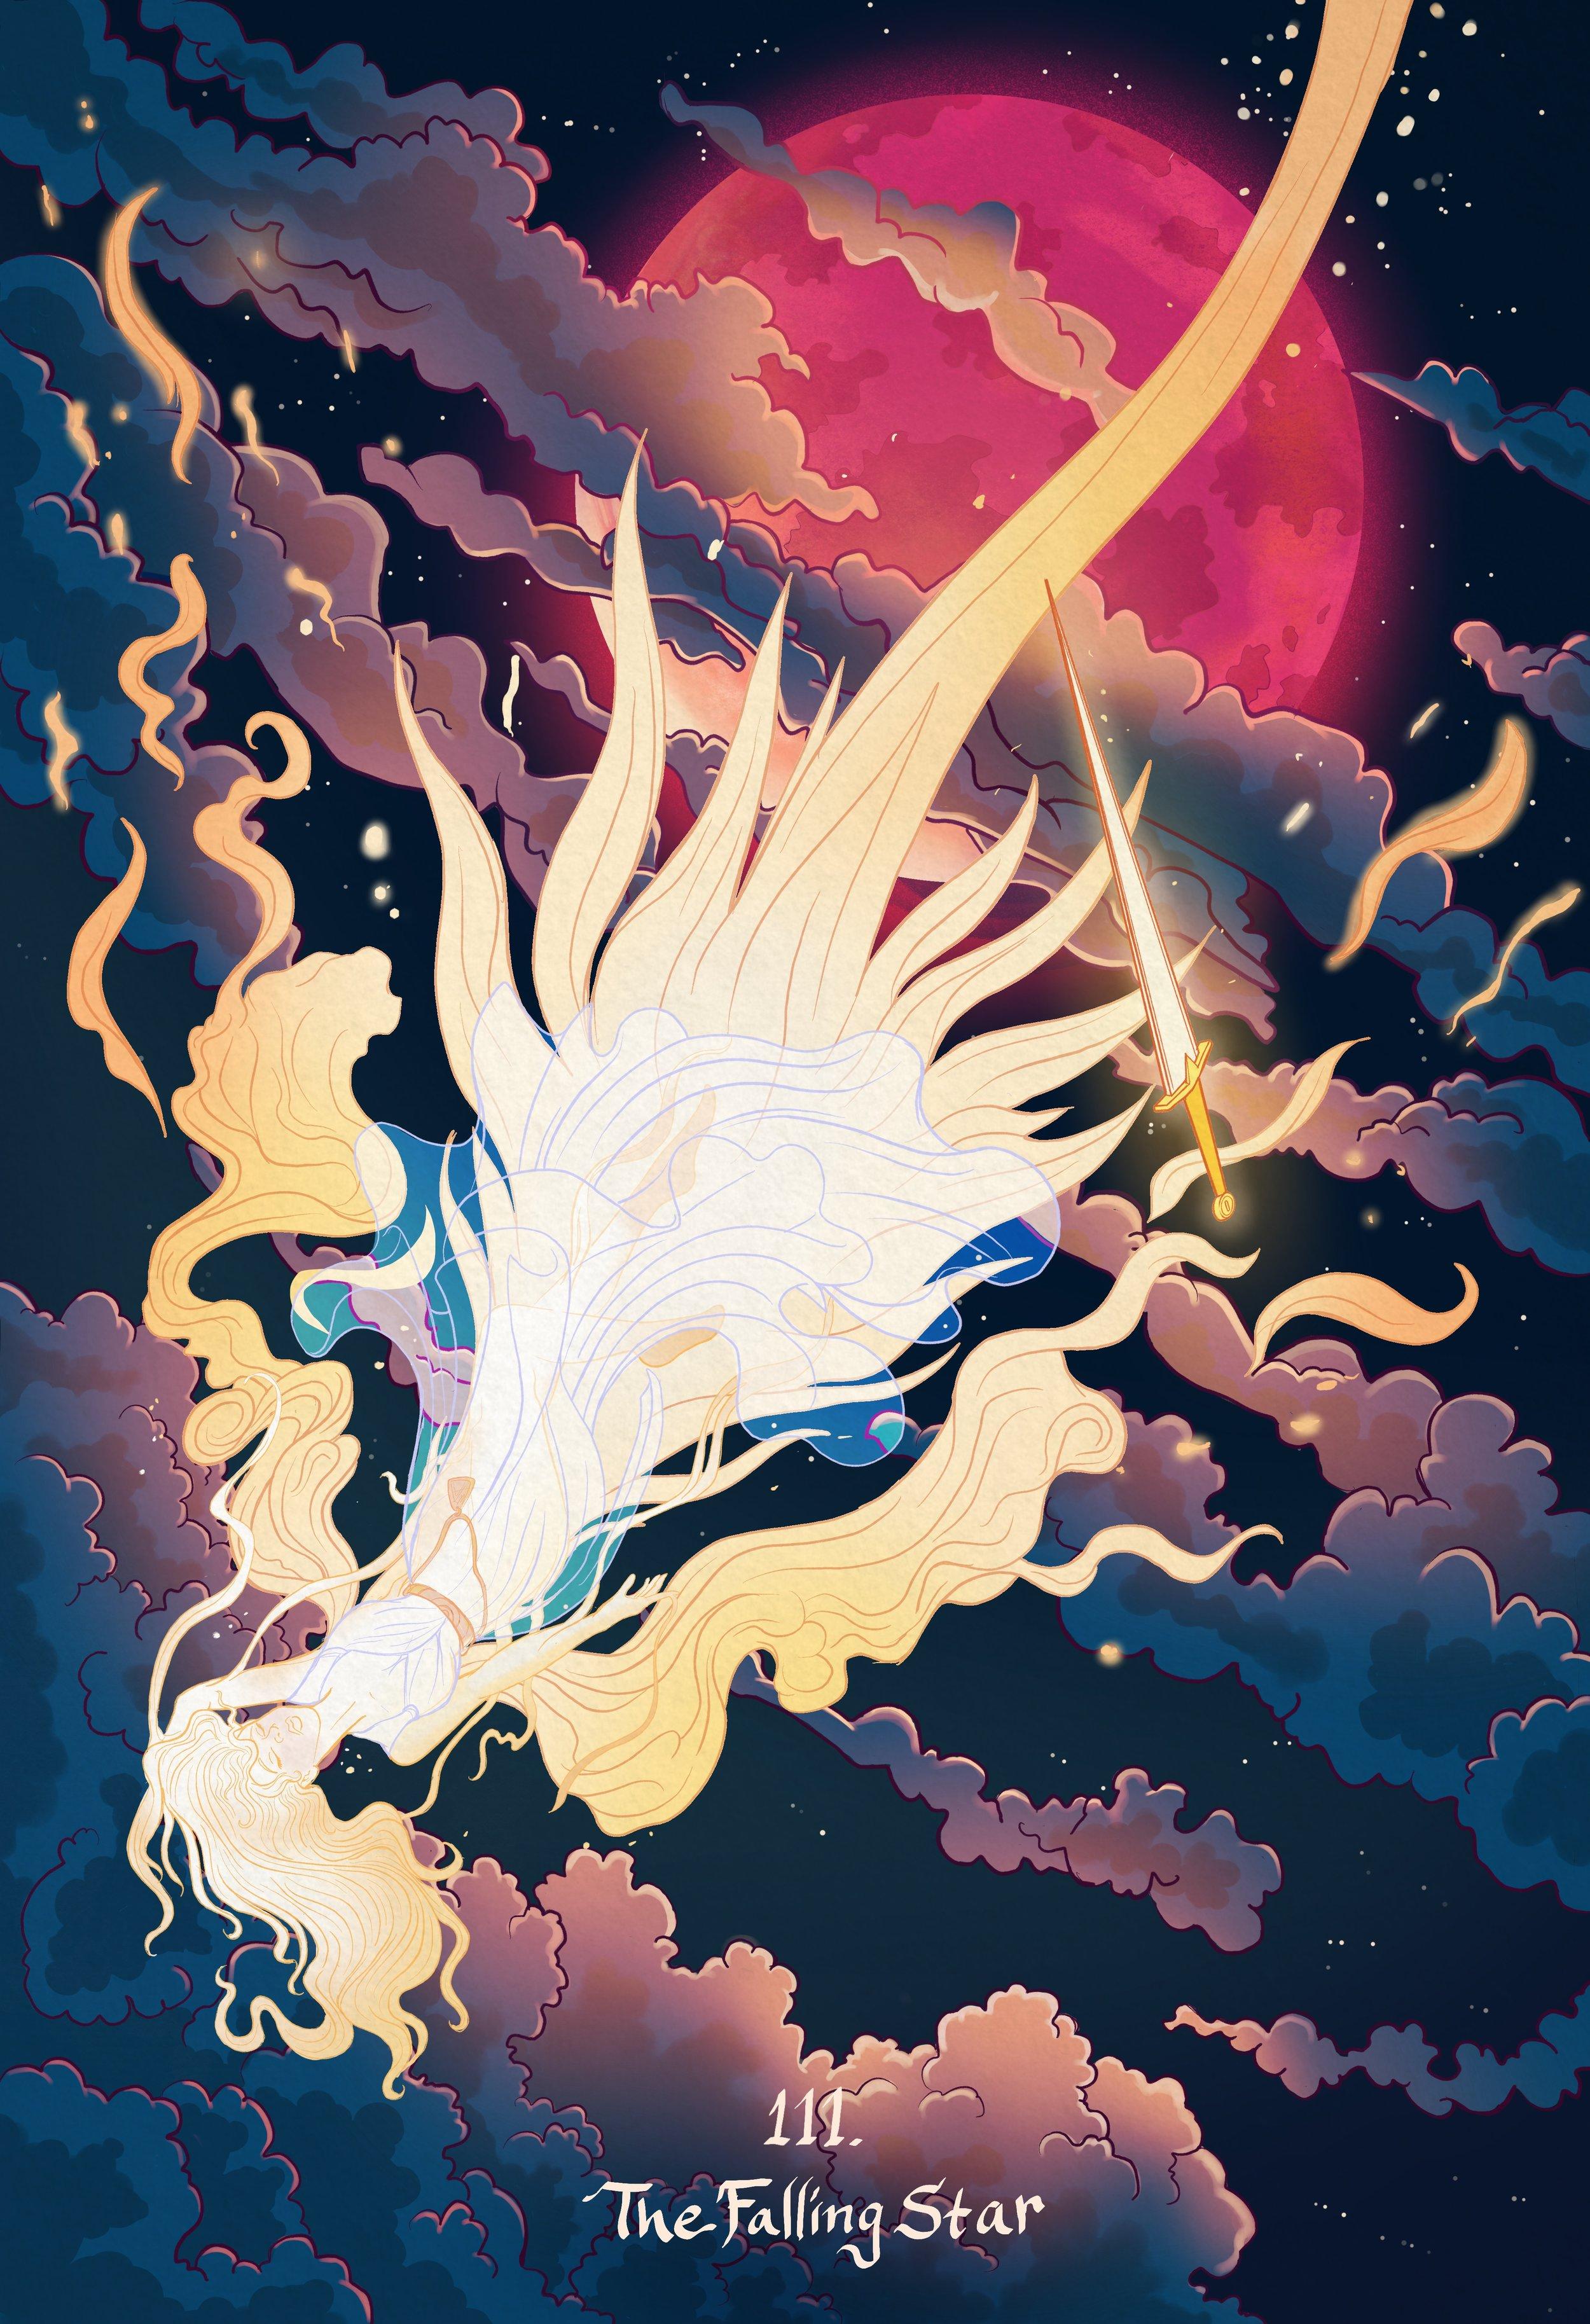 III: The Falling Star